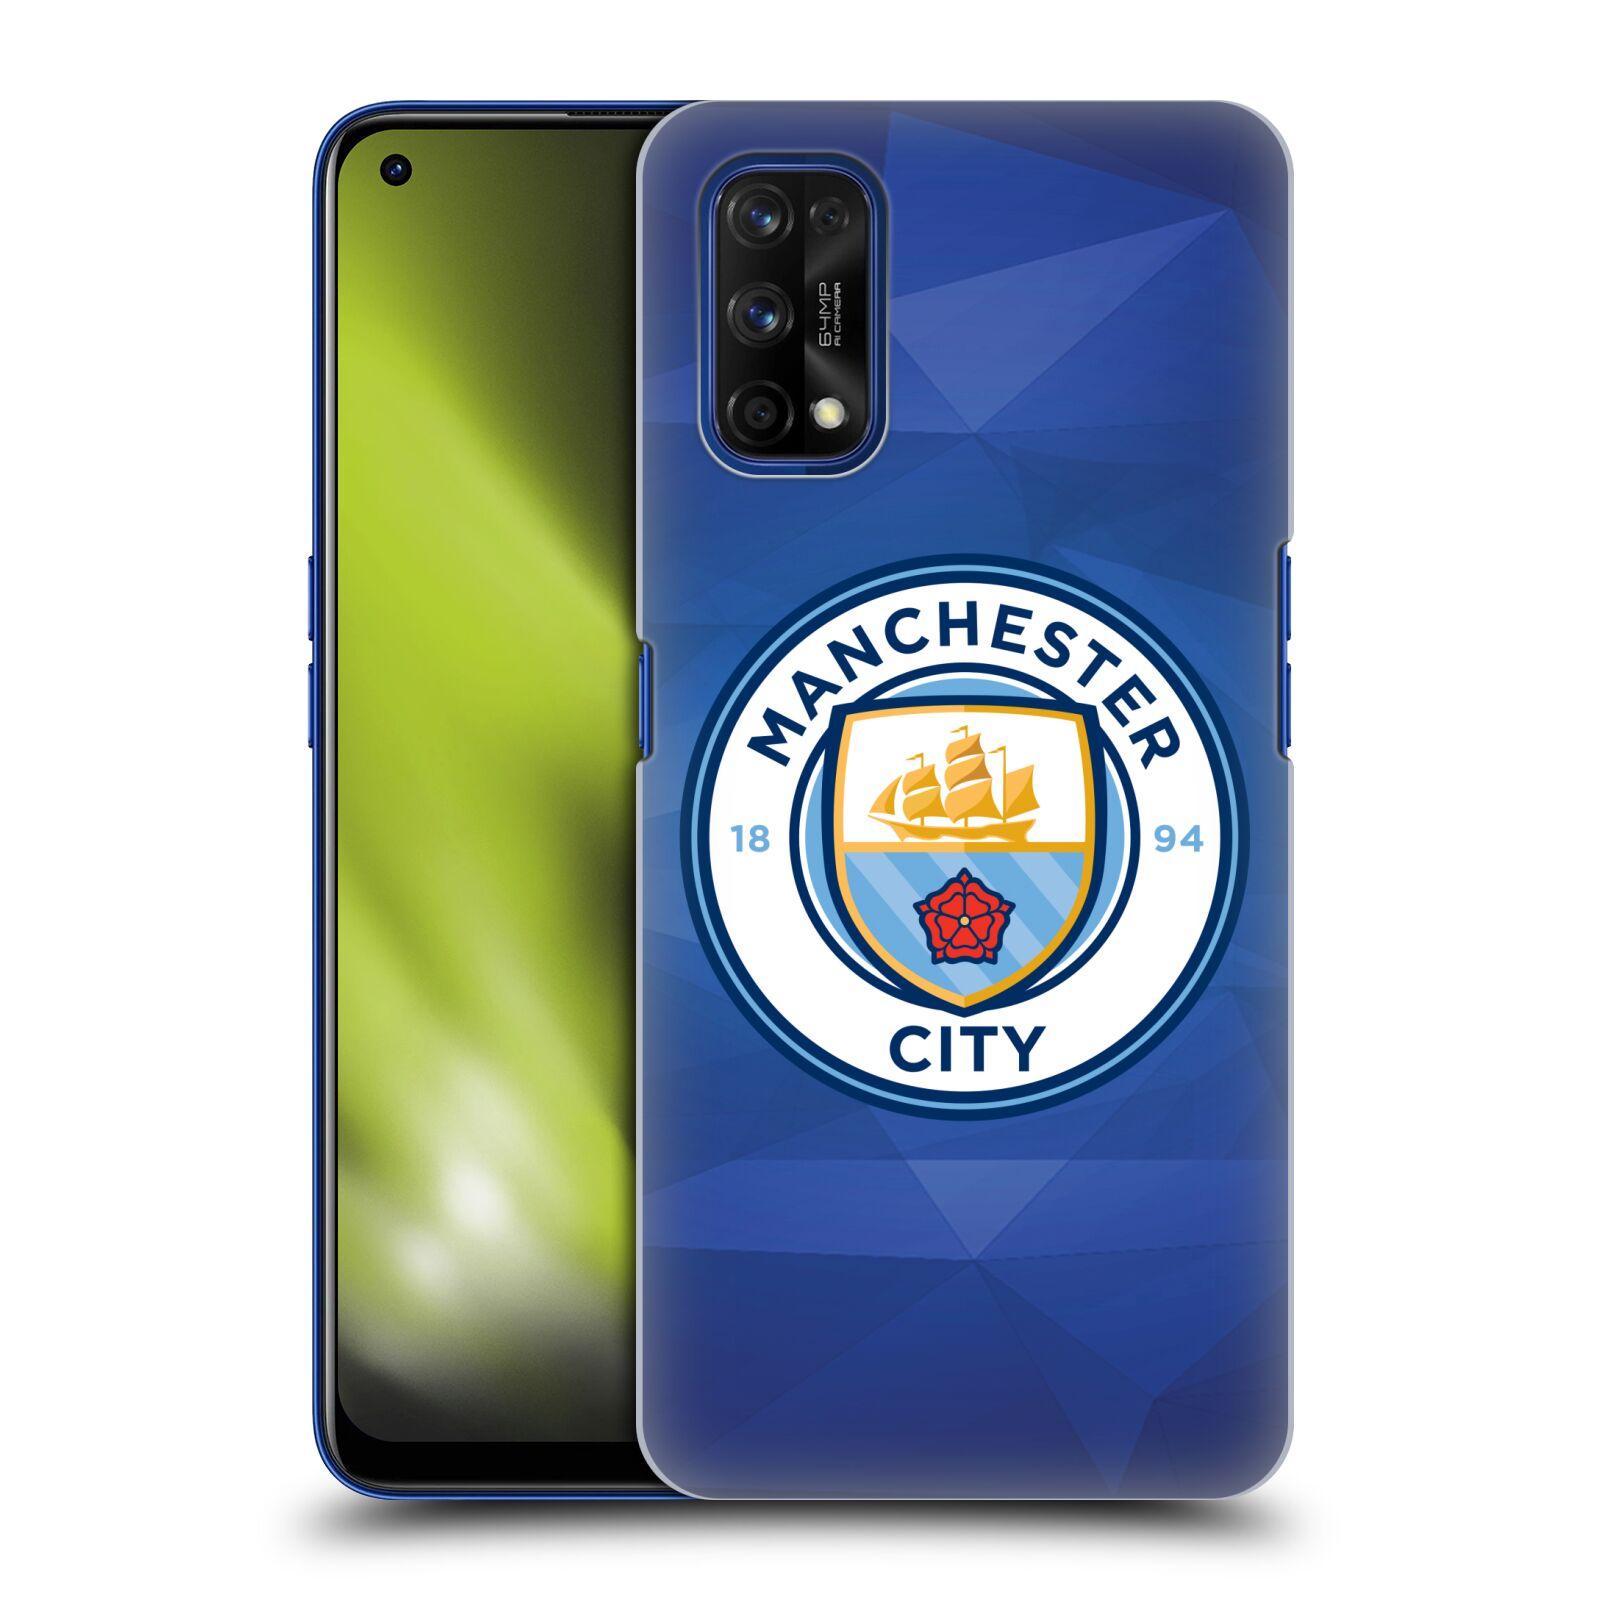 Plastové pouzdro na mobil Realme 7 Pro - Head Case - Manchester City FC - Modré nové logo